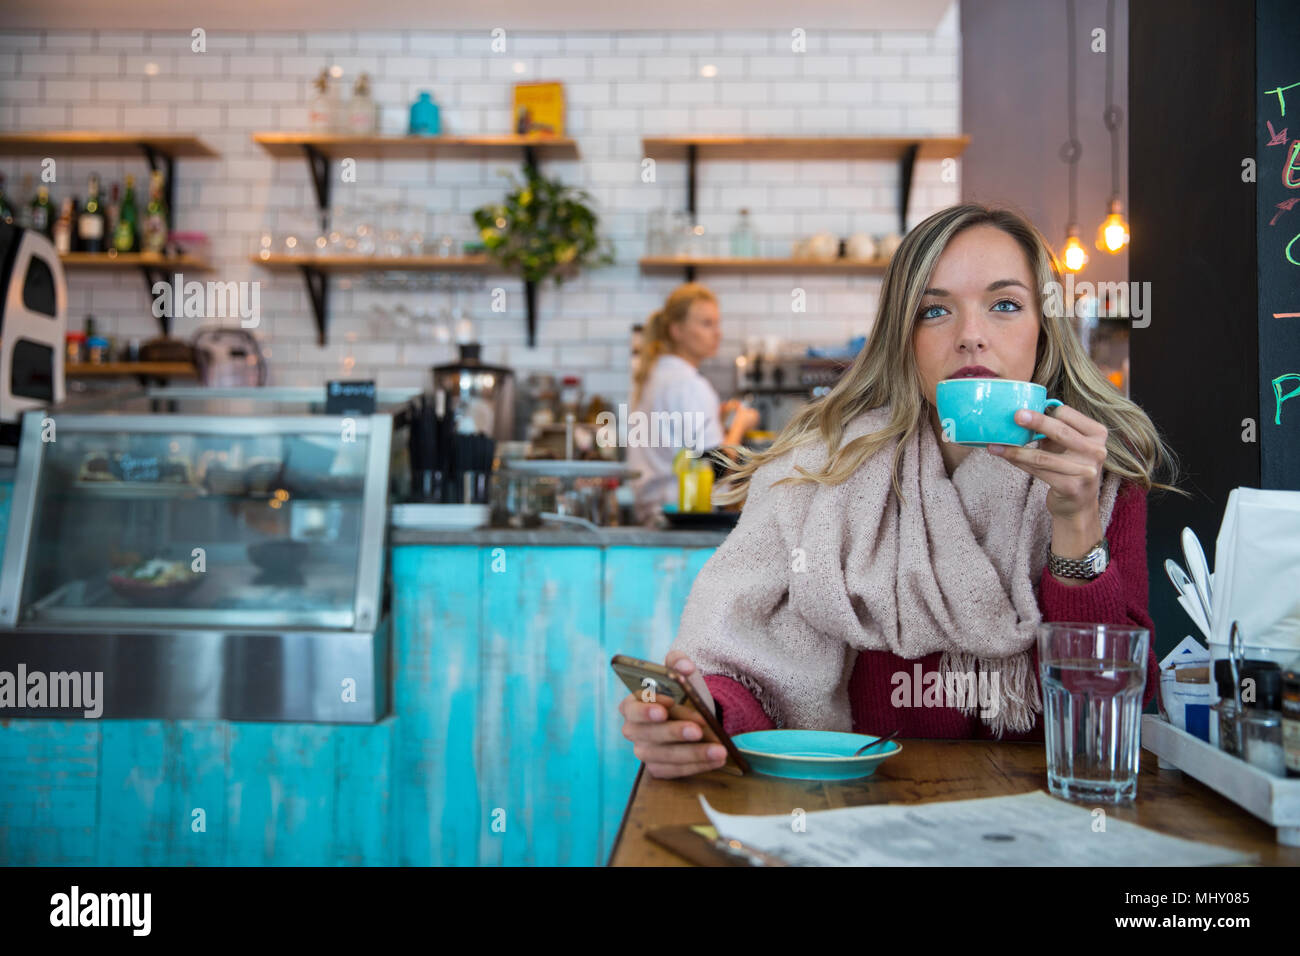 Donna seduta al cafe, tenendo lo smartphone, bere caffè Immagini Stock